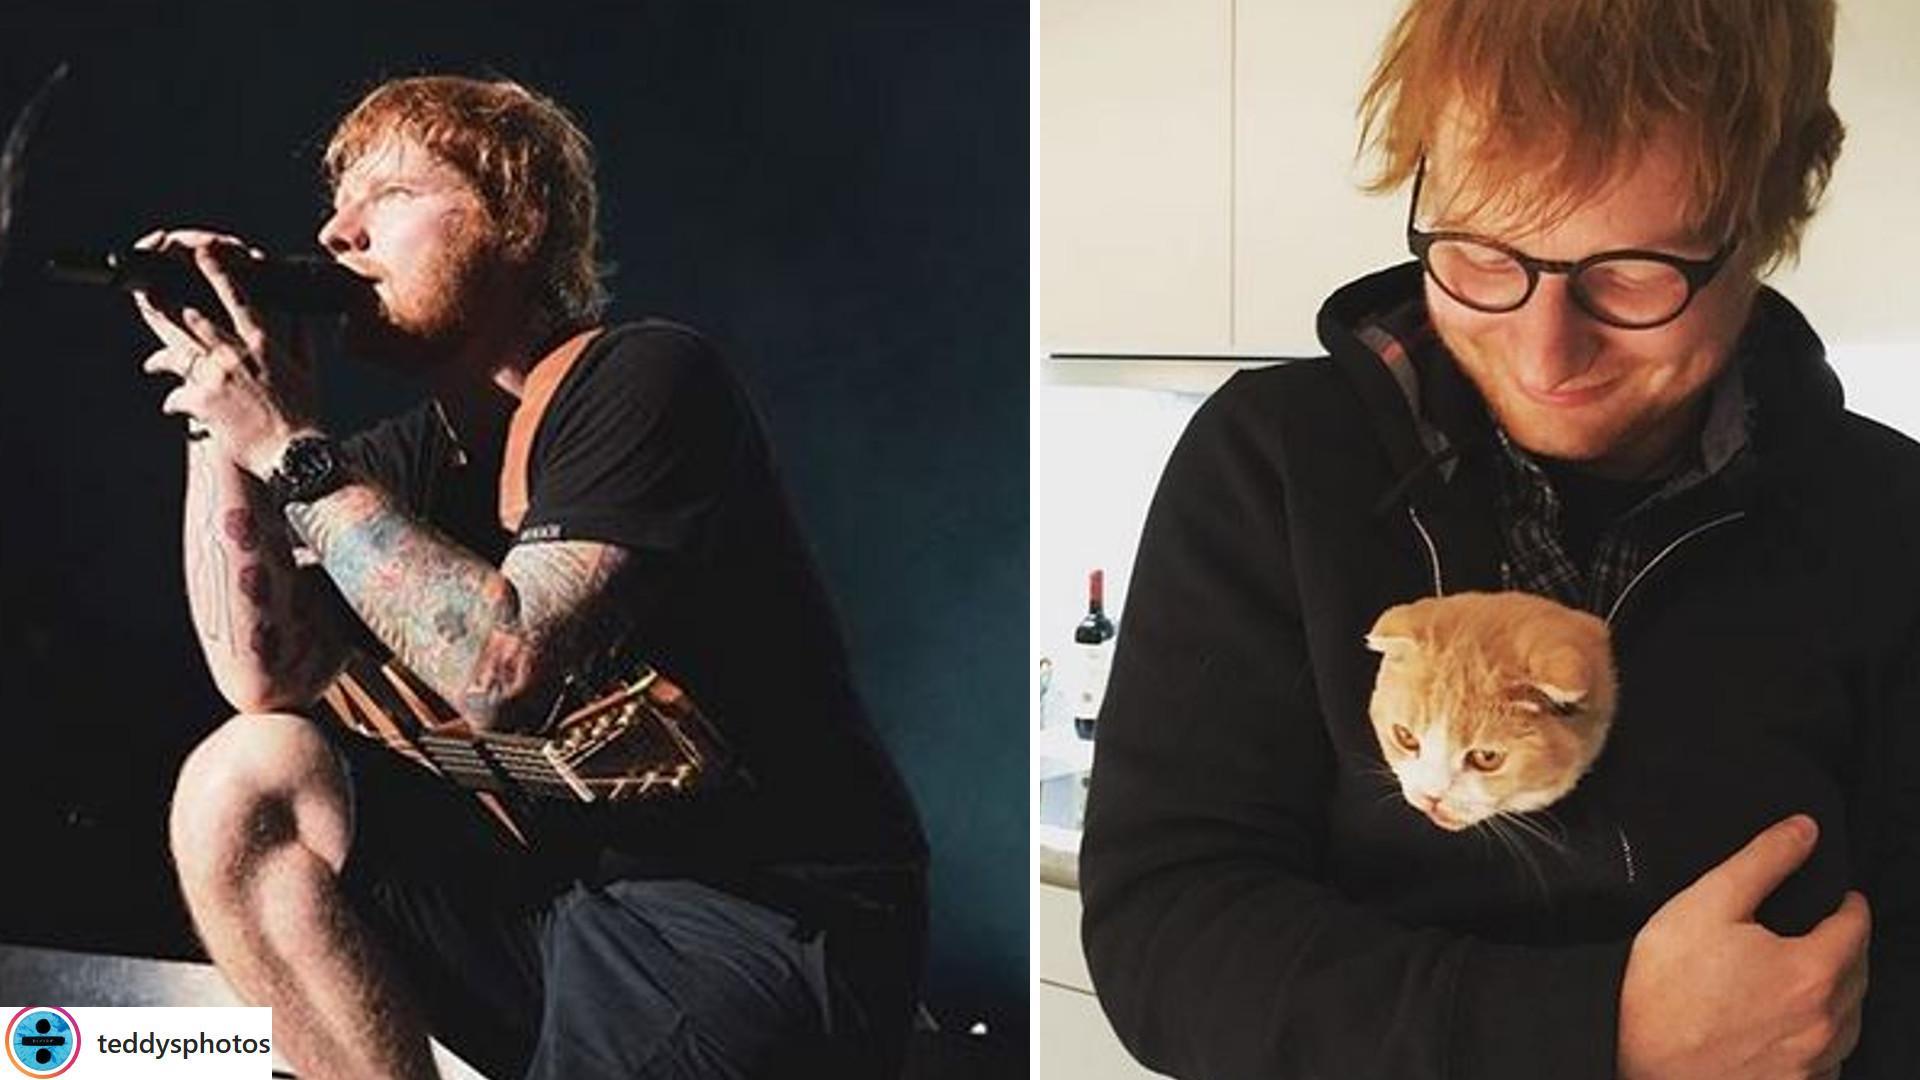 Oto, czego zażyczył sobie Ed Sheeran przed koncertem w POLSCE